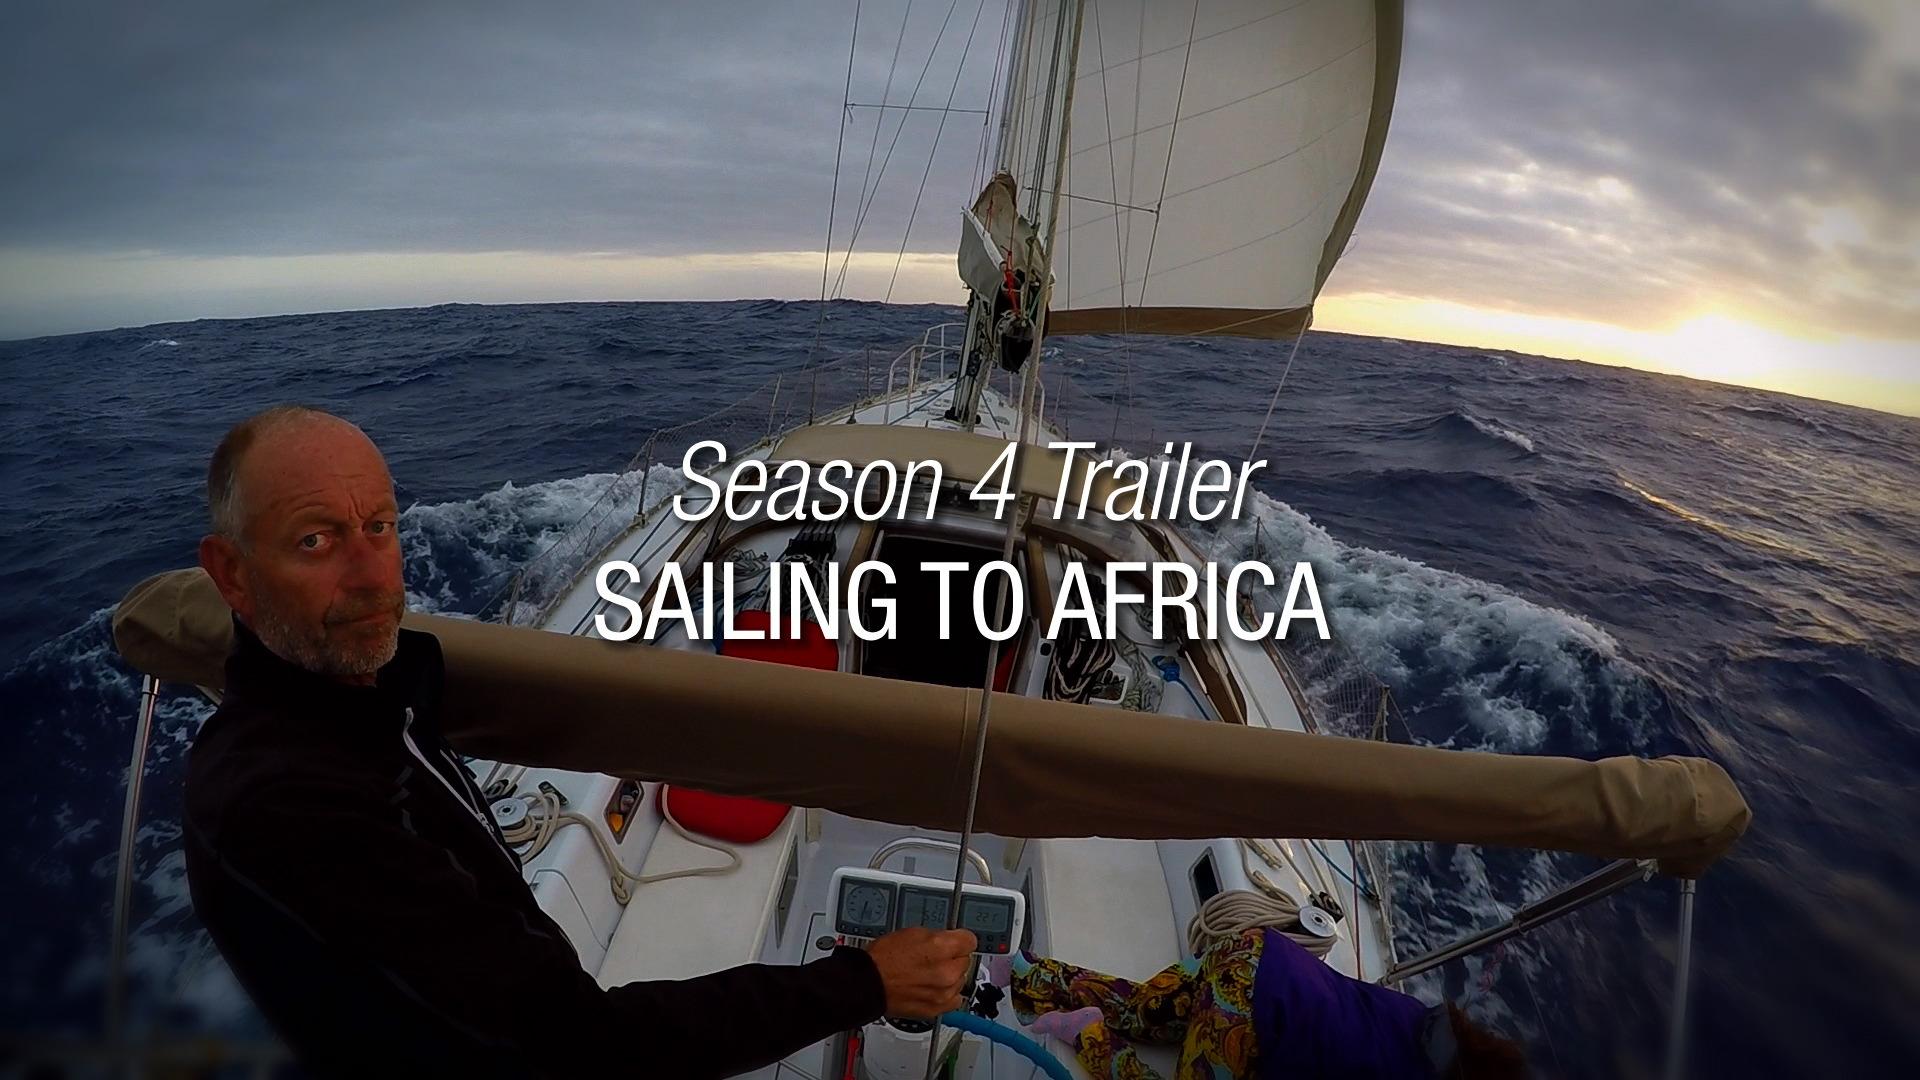 Trailer West Africa